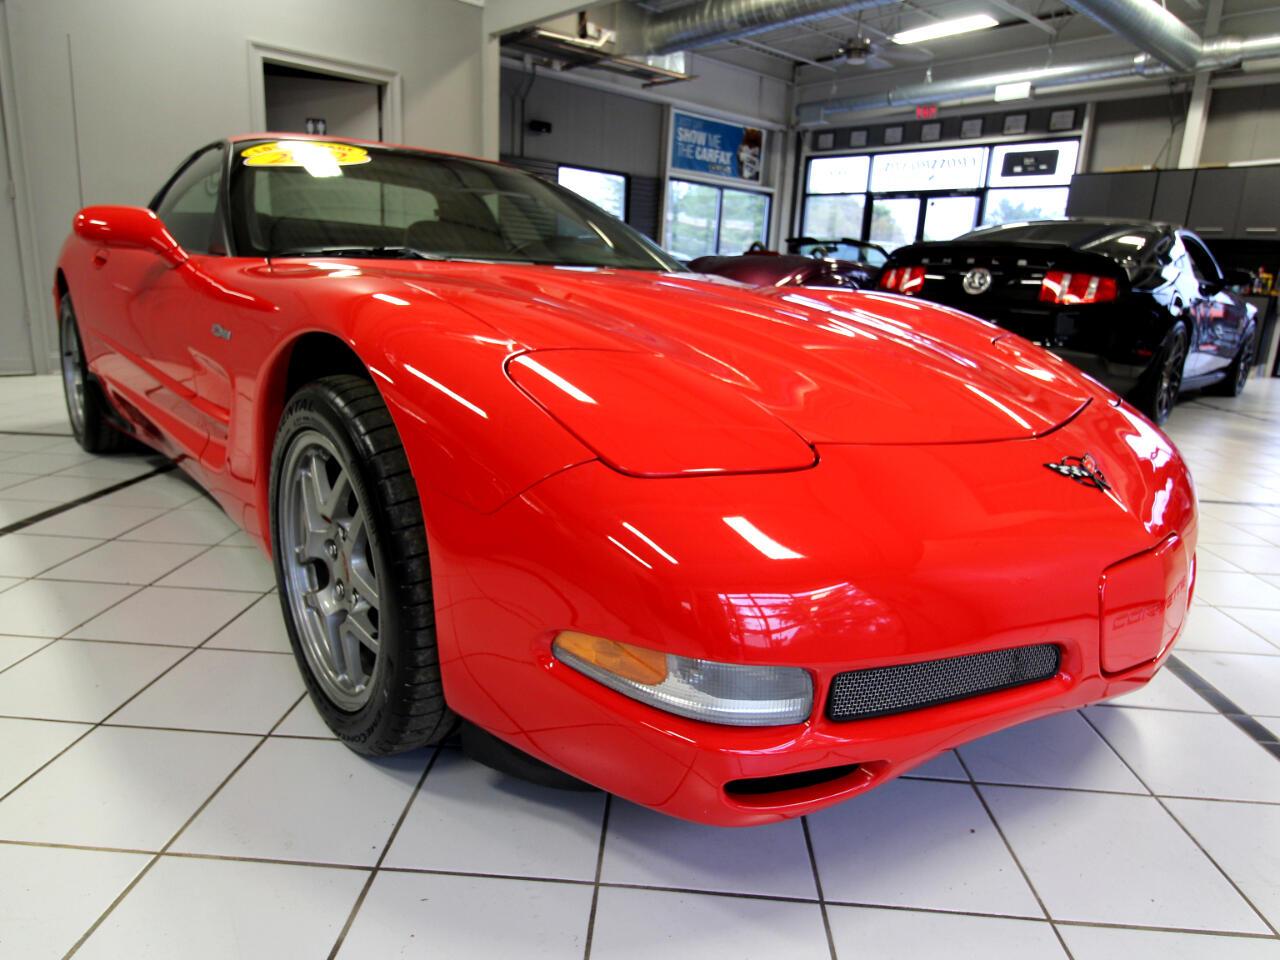 2002 Chevrolet Corvette 2dr Z06 Hardtop